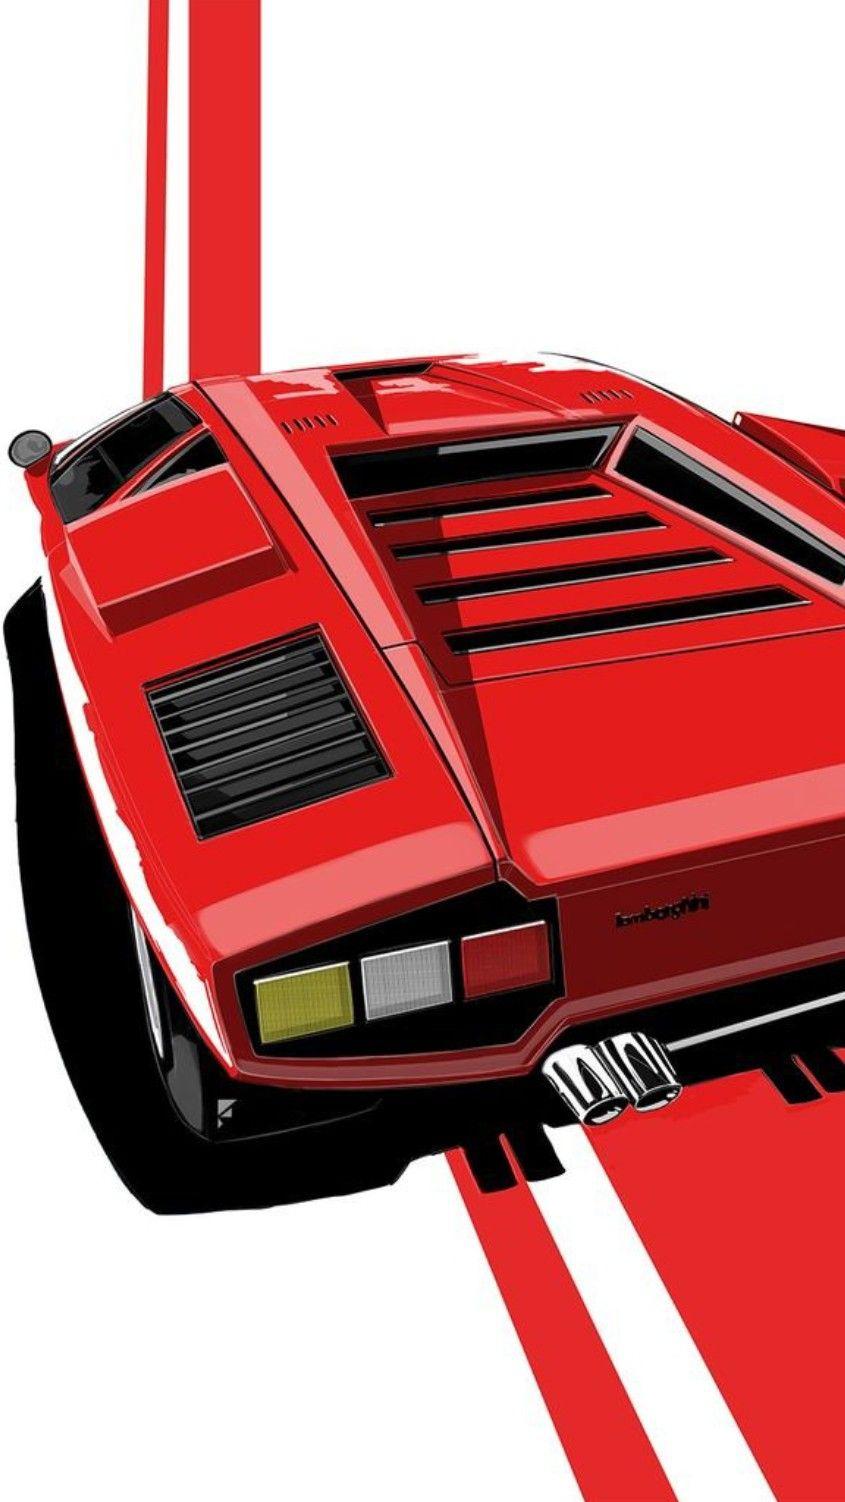 Lamborghini Diablo iPhone Wallpaper iphoneswallpapers com